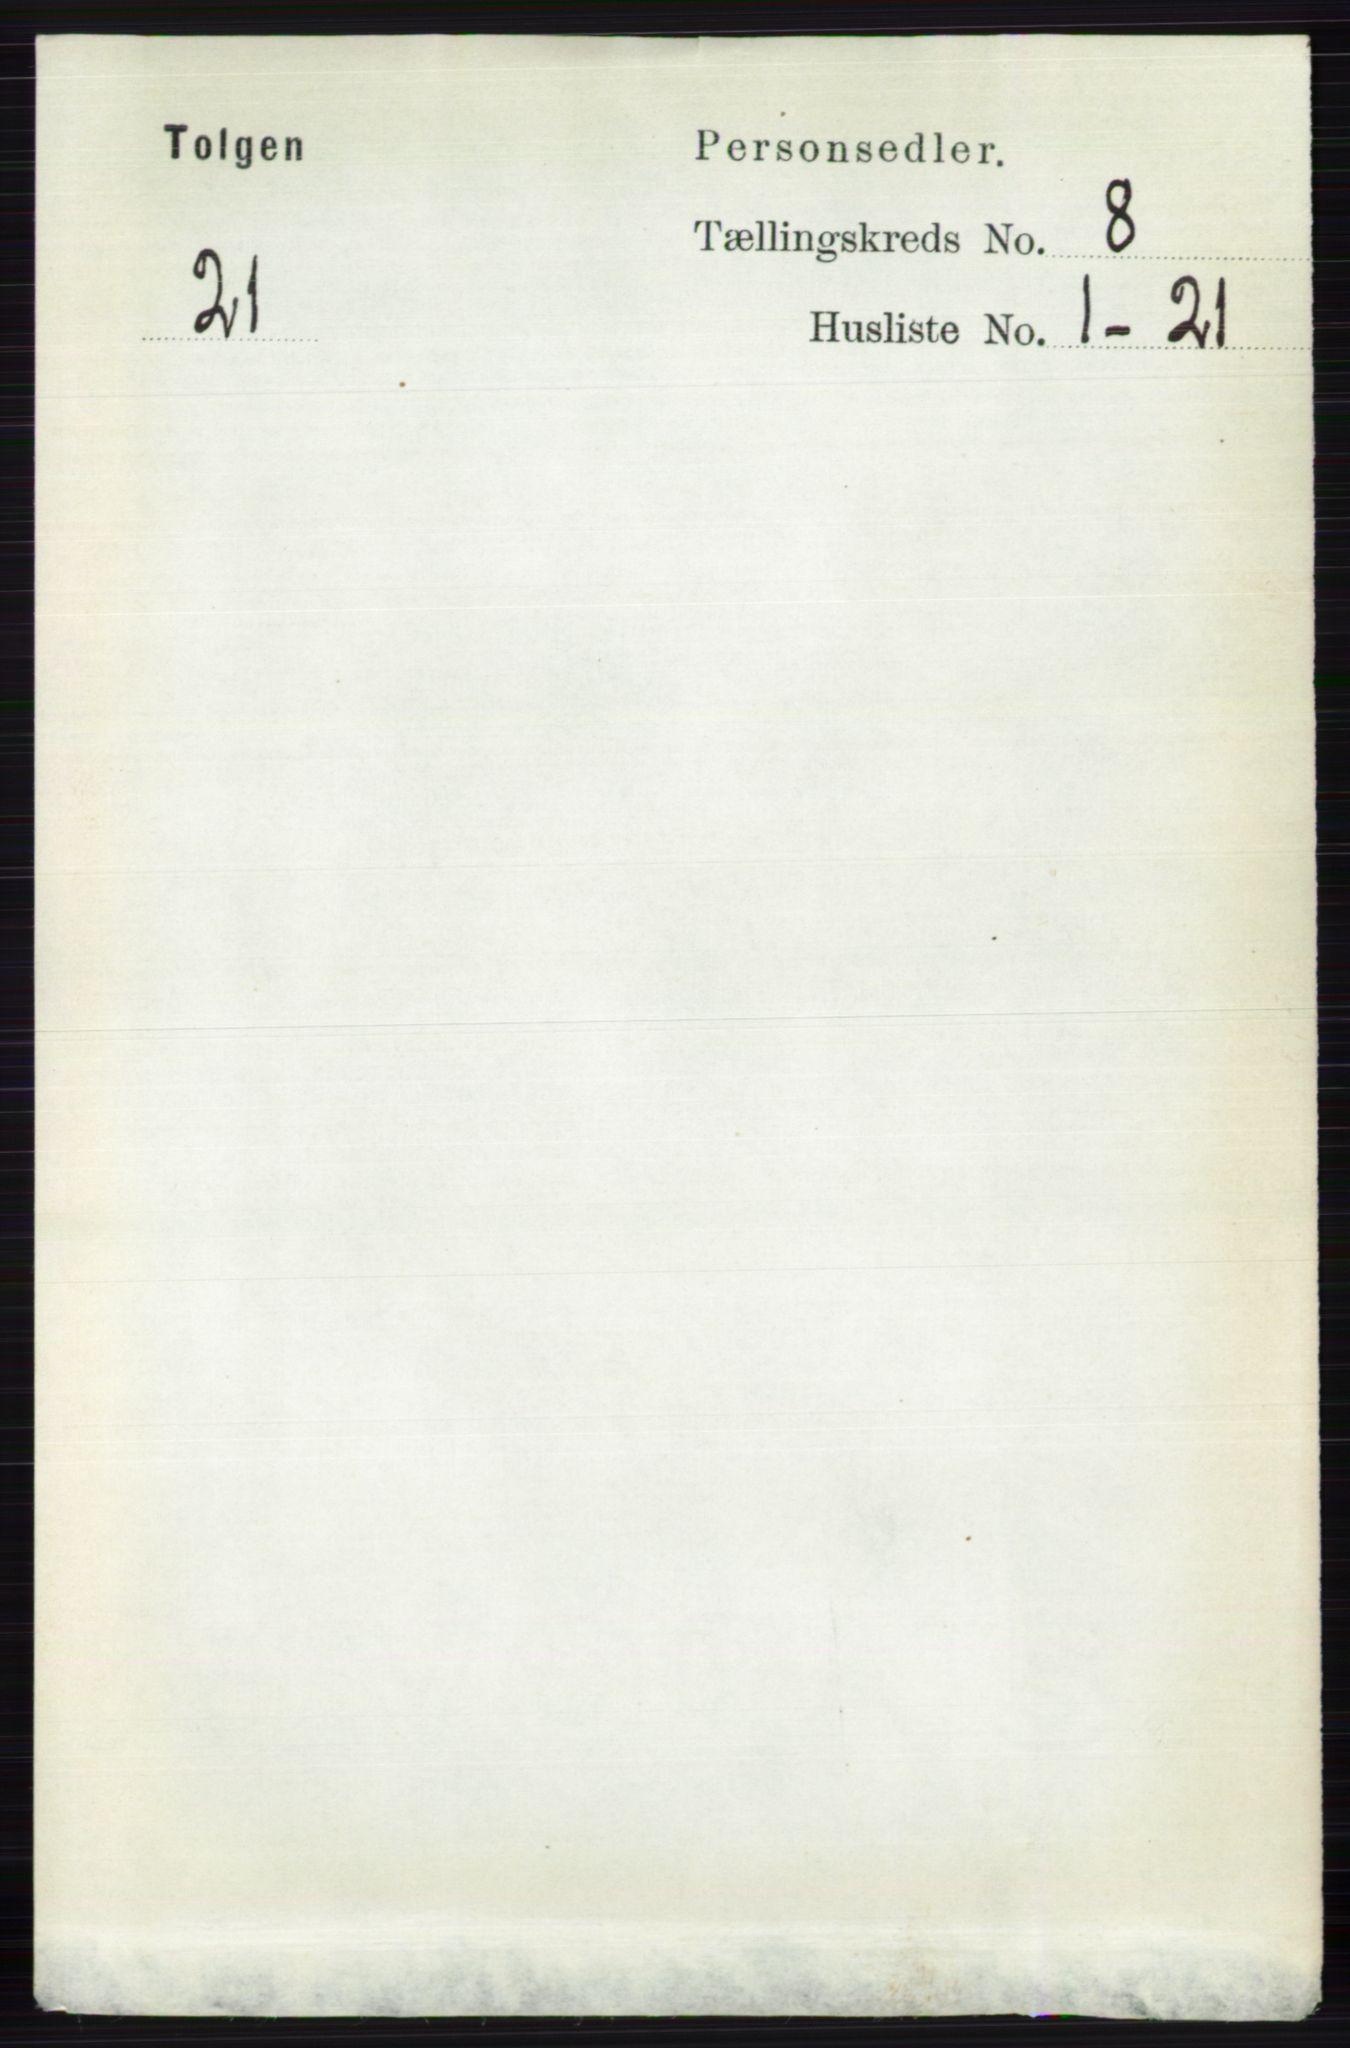 RA, Folketelling 1891 for 0436 Tolga herred, 1891, s. 2361